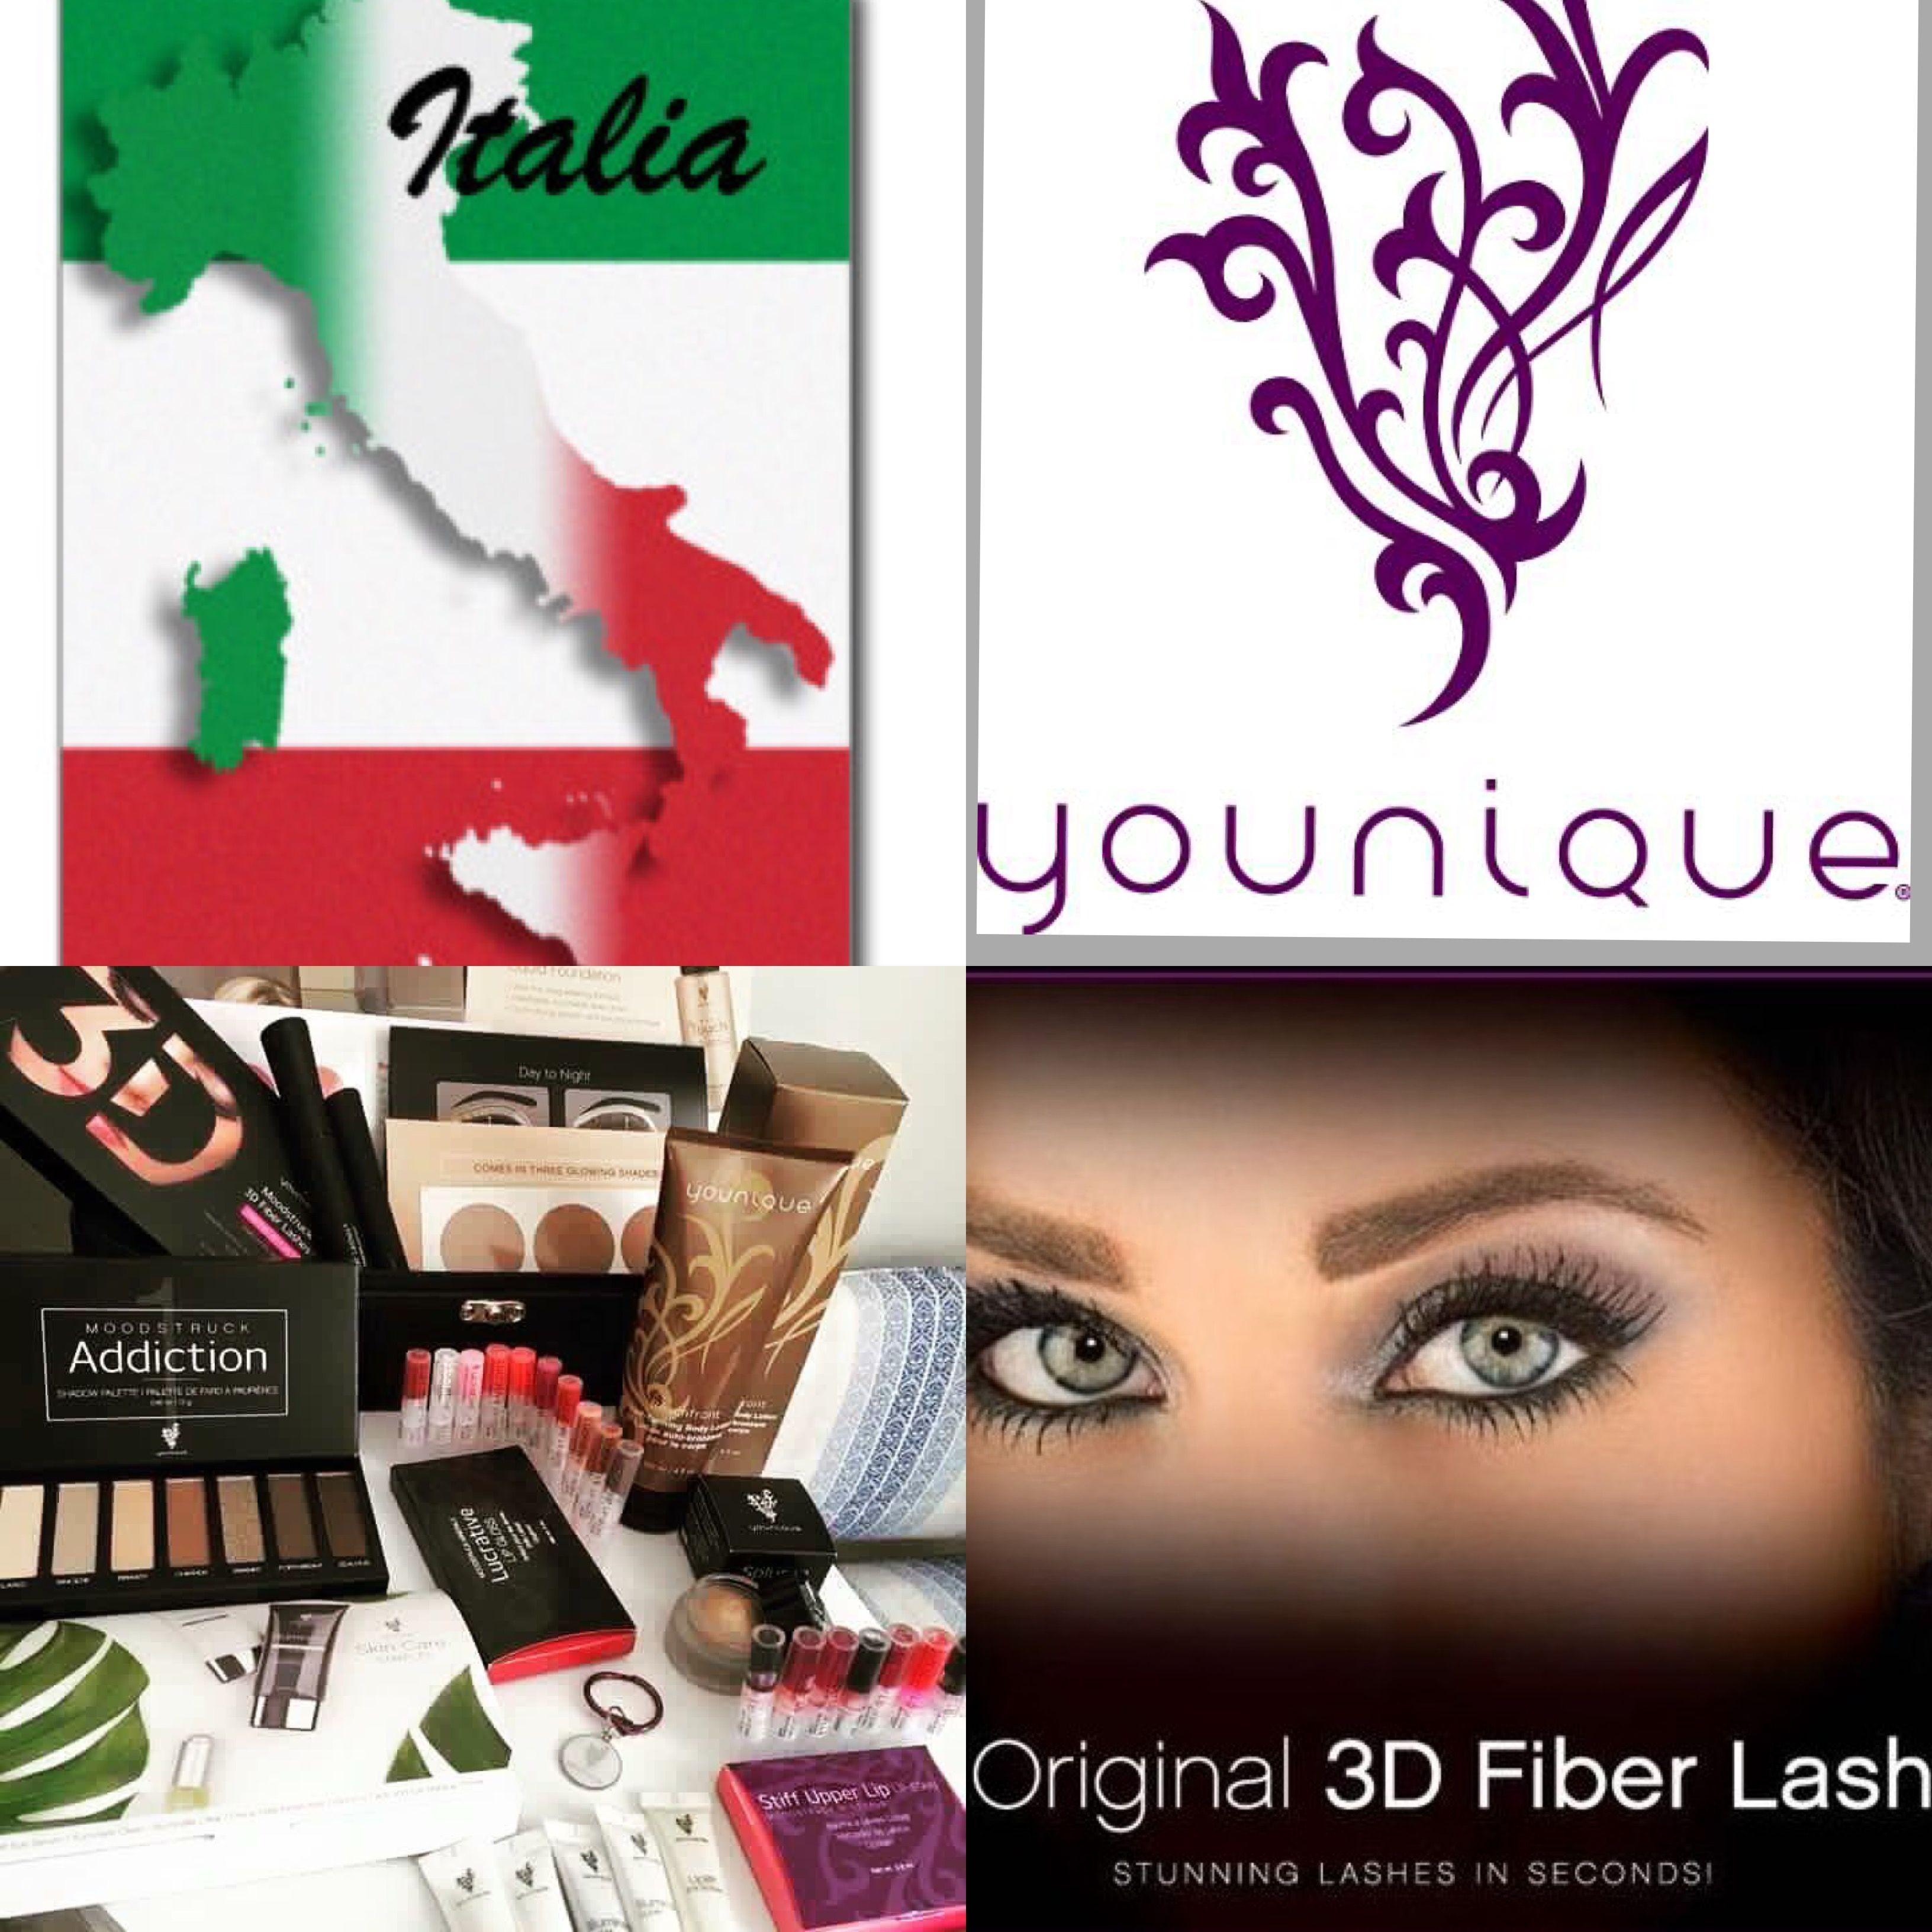 Demnächst kommt Younique nach Italien! Für Infos meldet euch bei mir! www.youniqueproducts.com/TanjaLiebenow